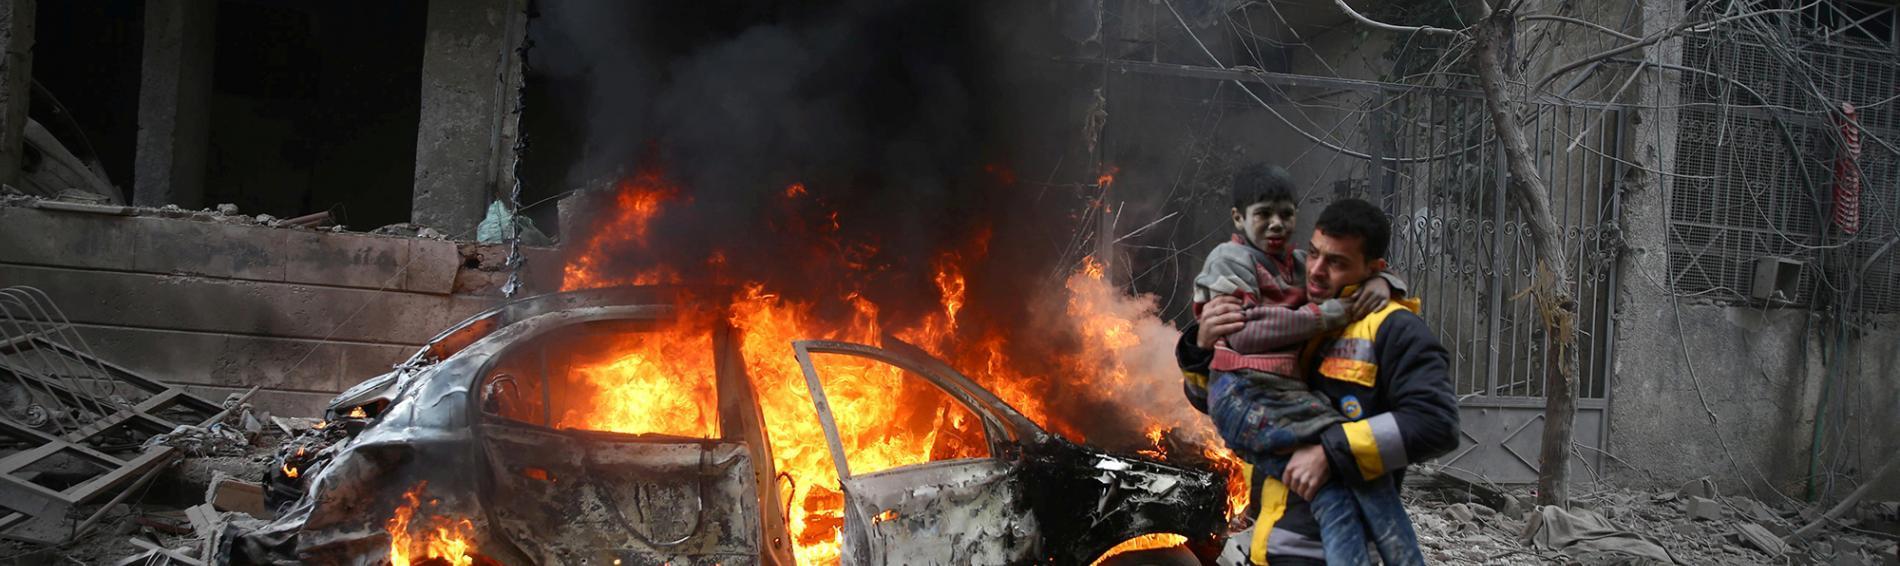 Ein Mann mit einem Kind auf dem Arm vor einem brennenden Auto